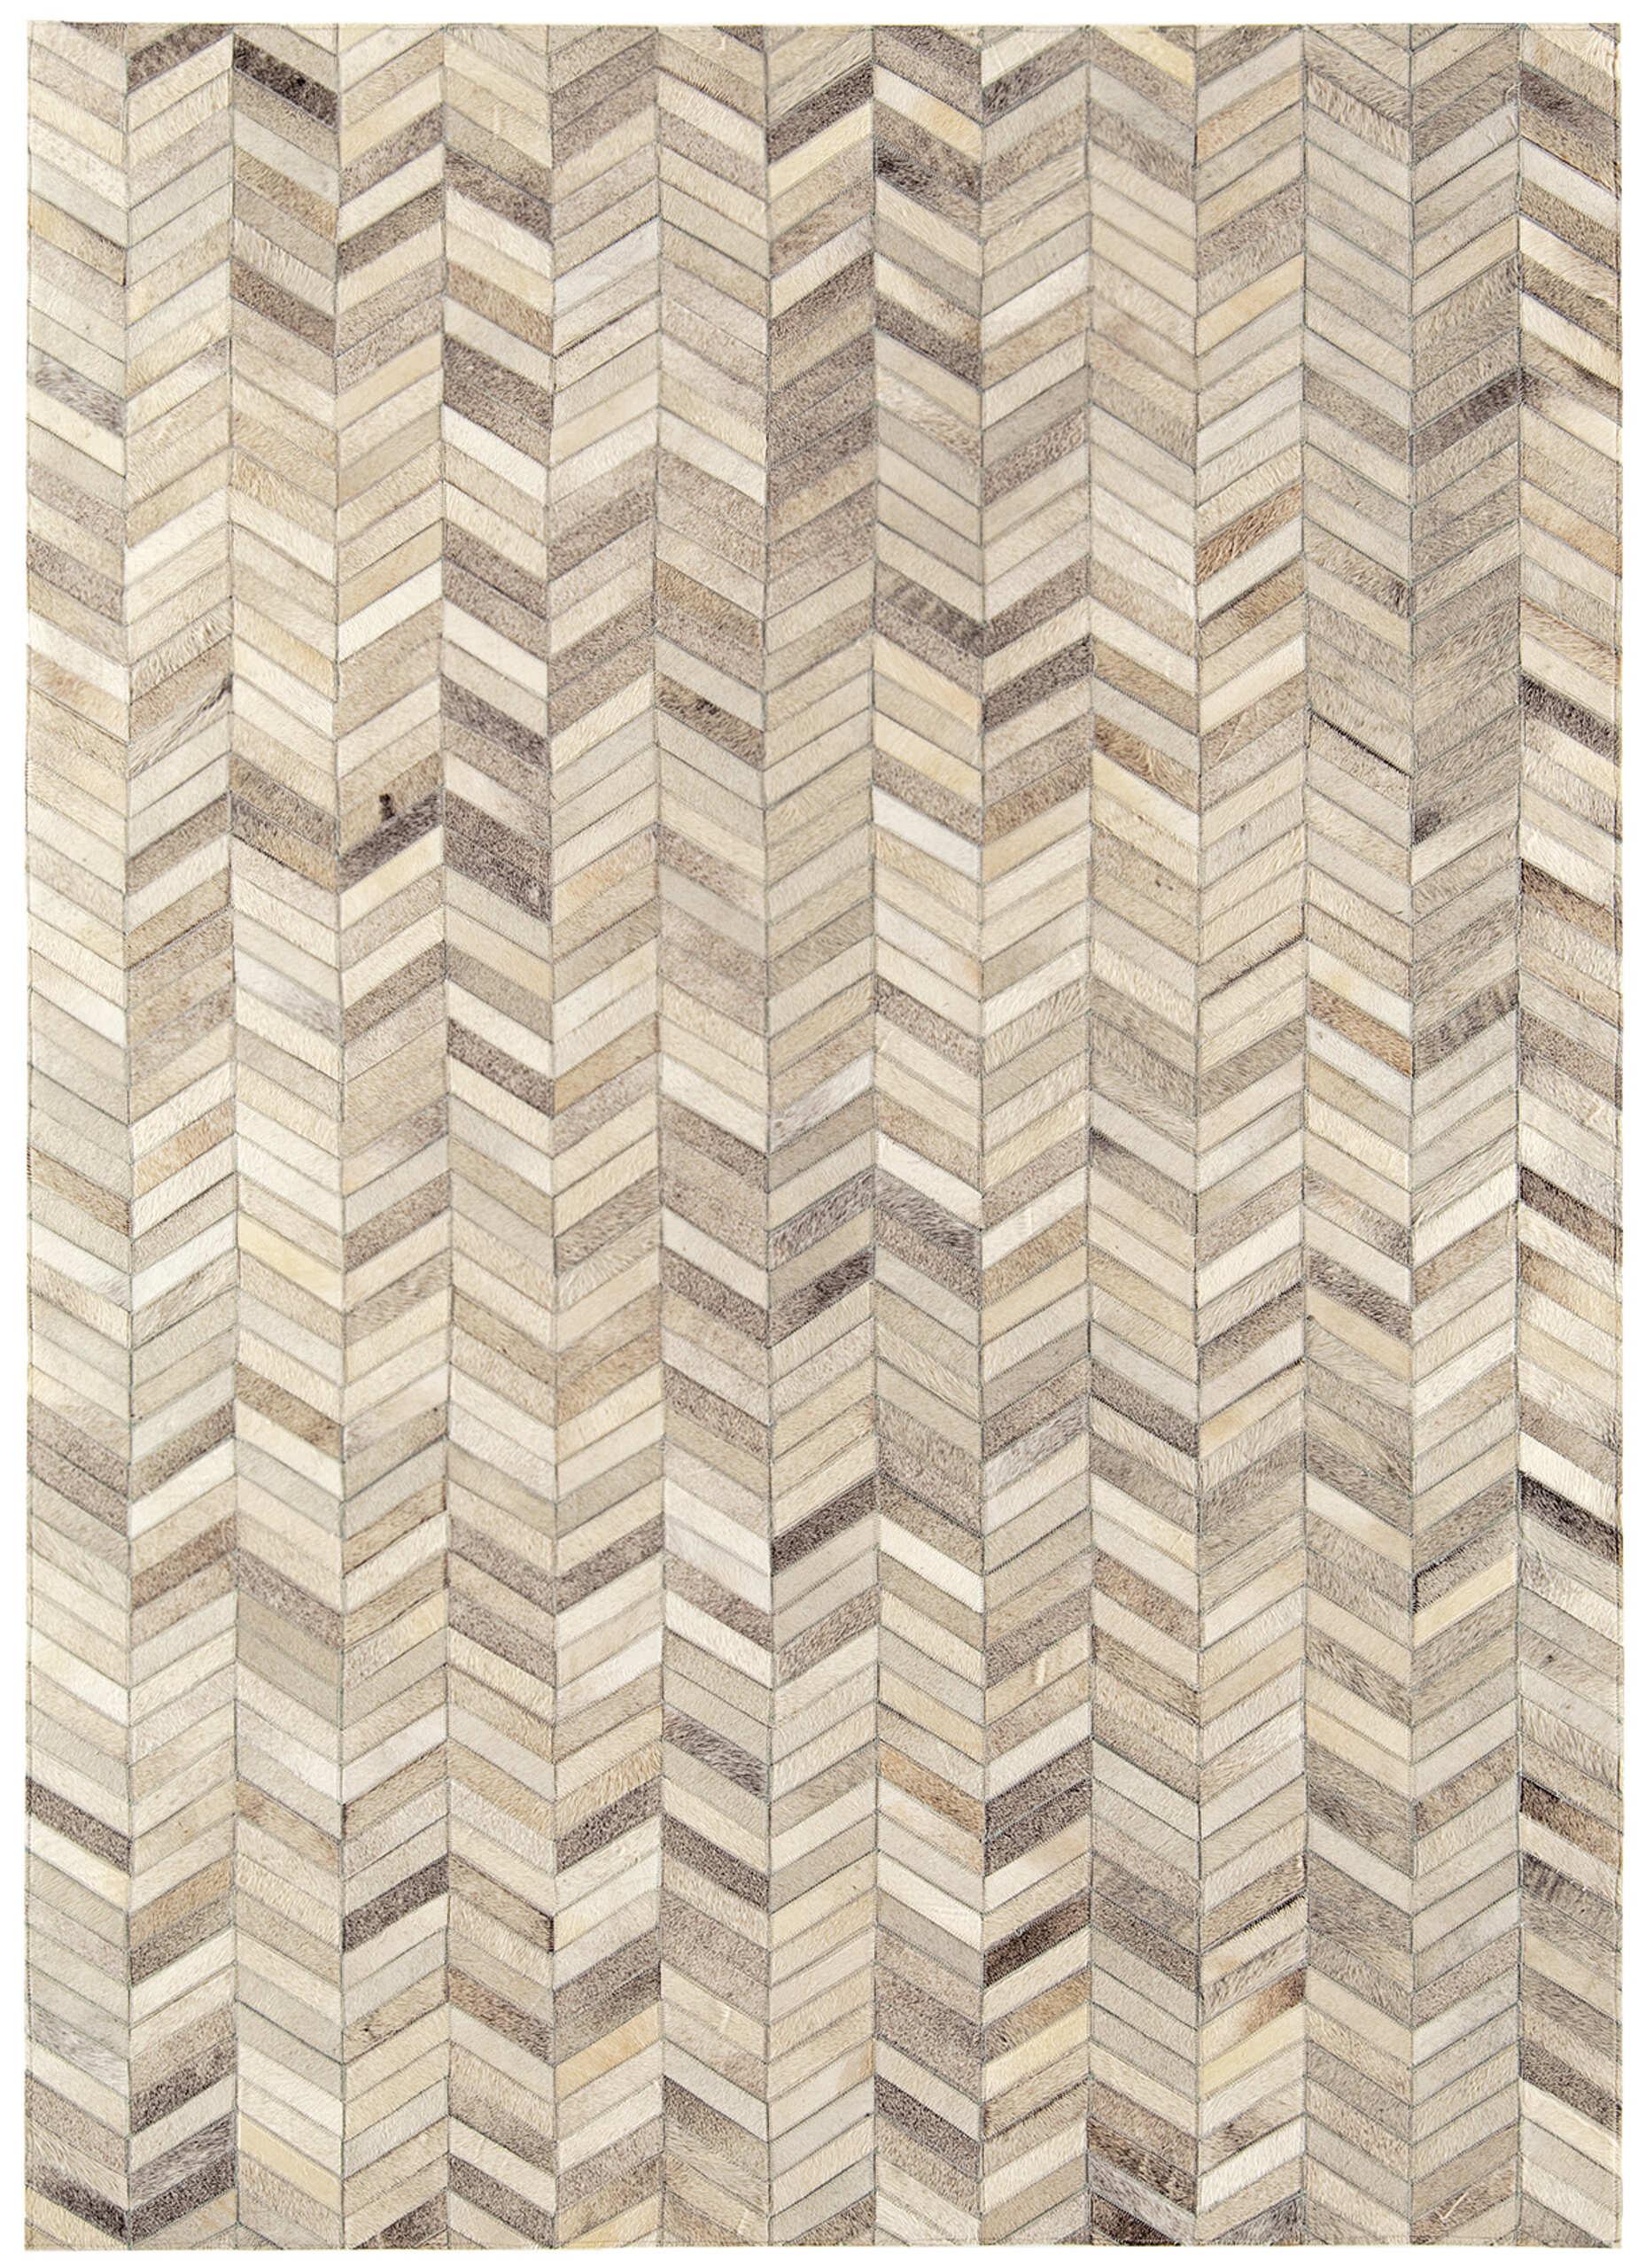 Full Size of Teppich Grau Beige Rund Kurzflor Ikea Meliert Braun Muster Moderner Designer Gugh Schlafzimmer 3er Sofa 2er Steinteppich Bad Wohnzimmer Weiß Esstisch Graues Wohnzimmer Teppich Grau Beige